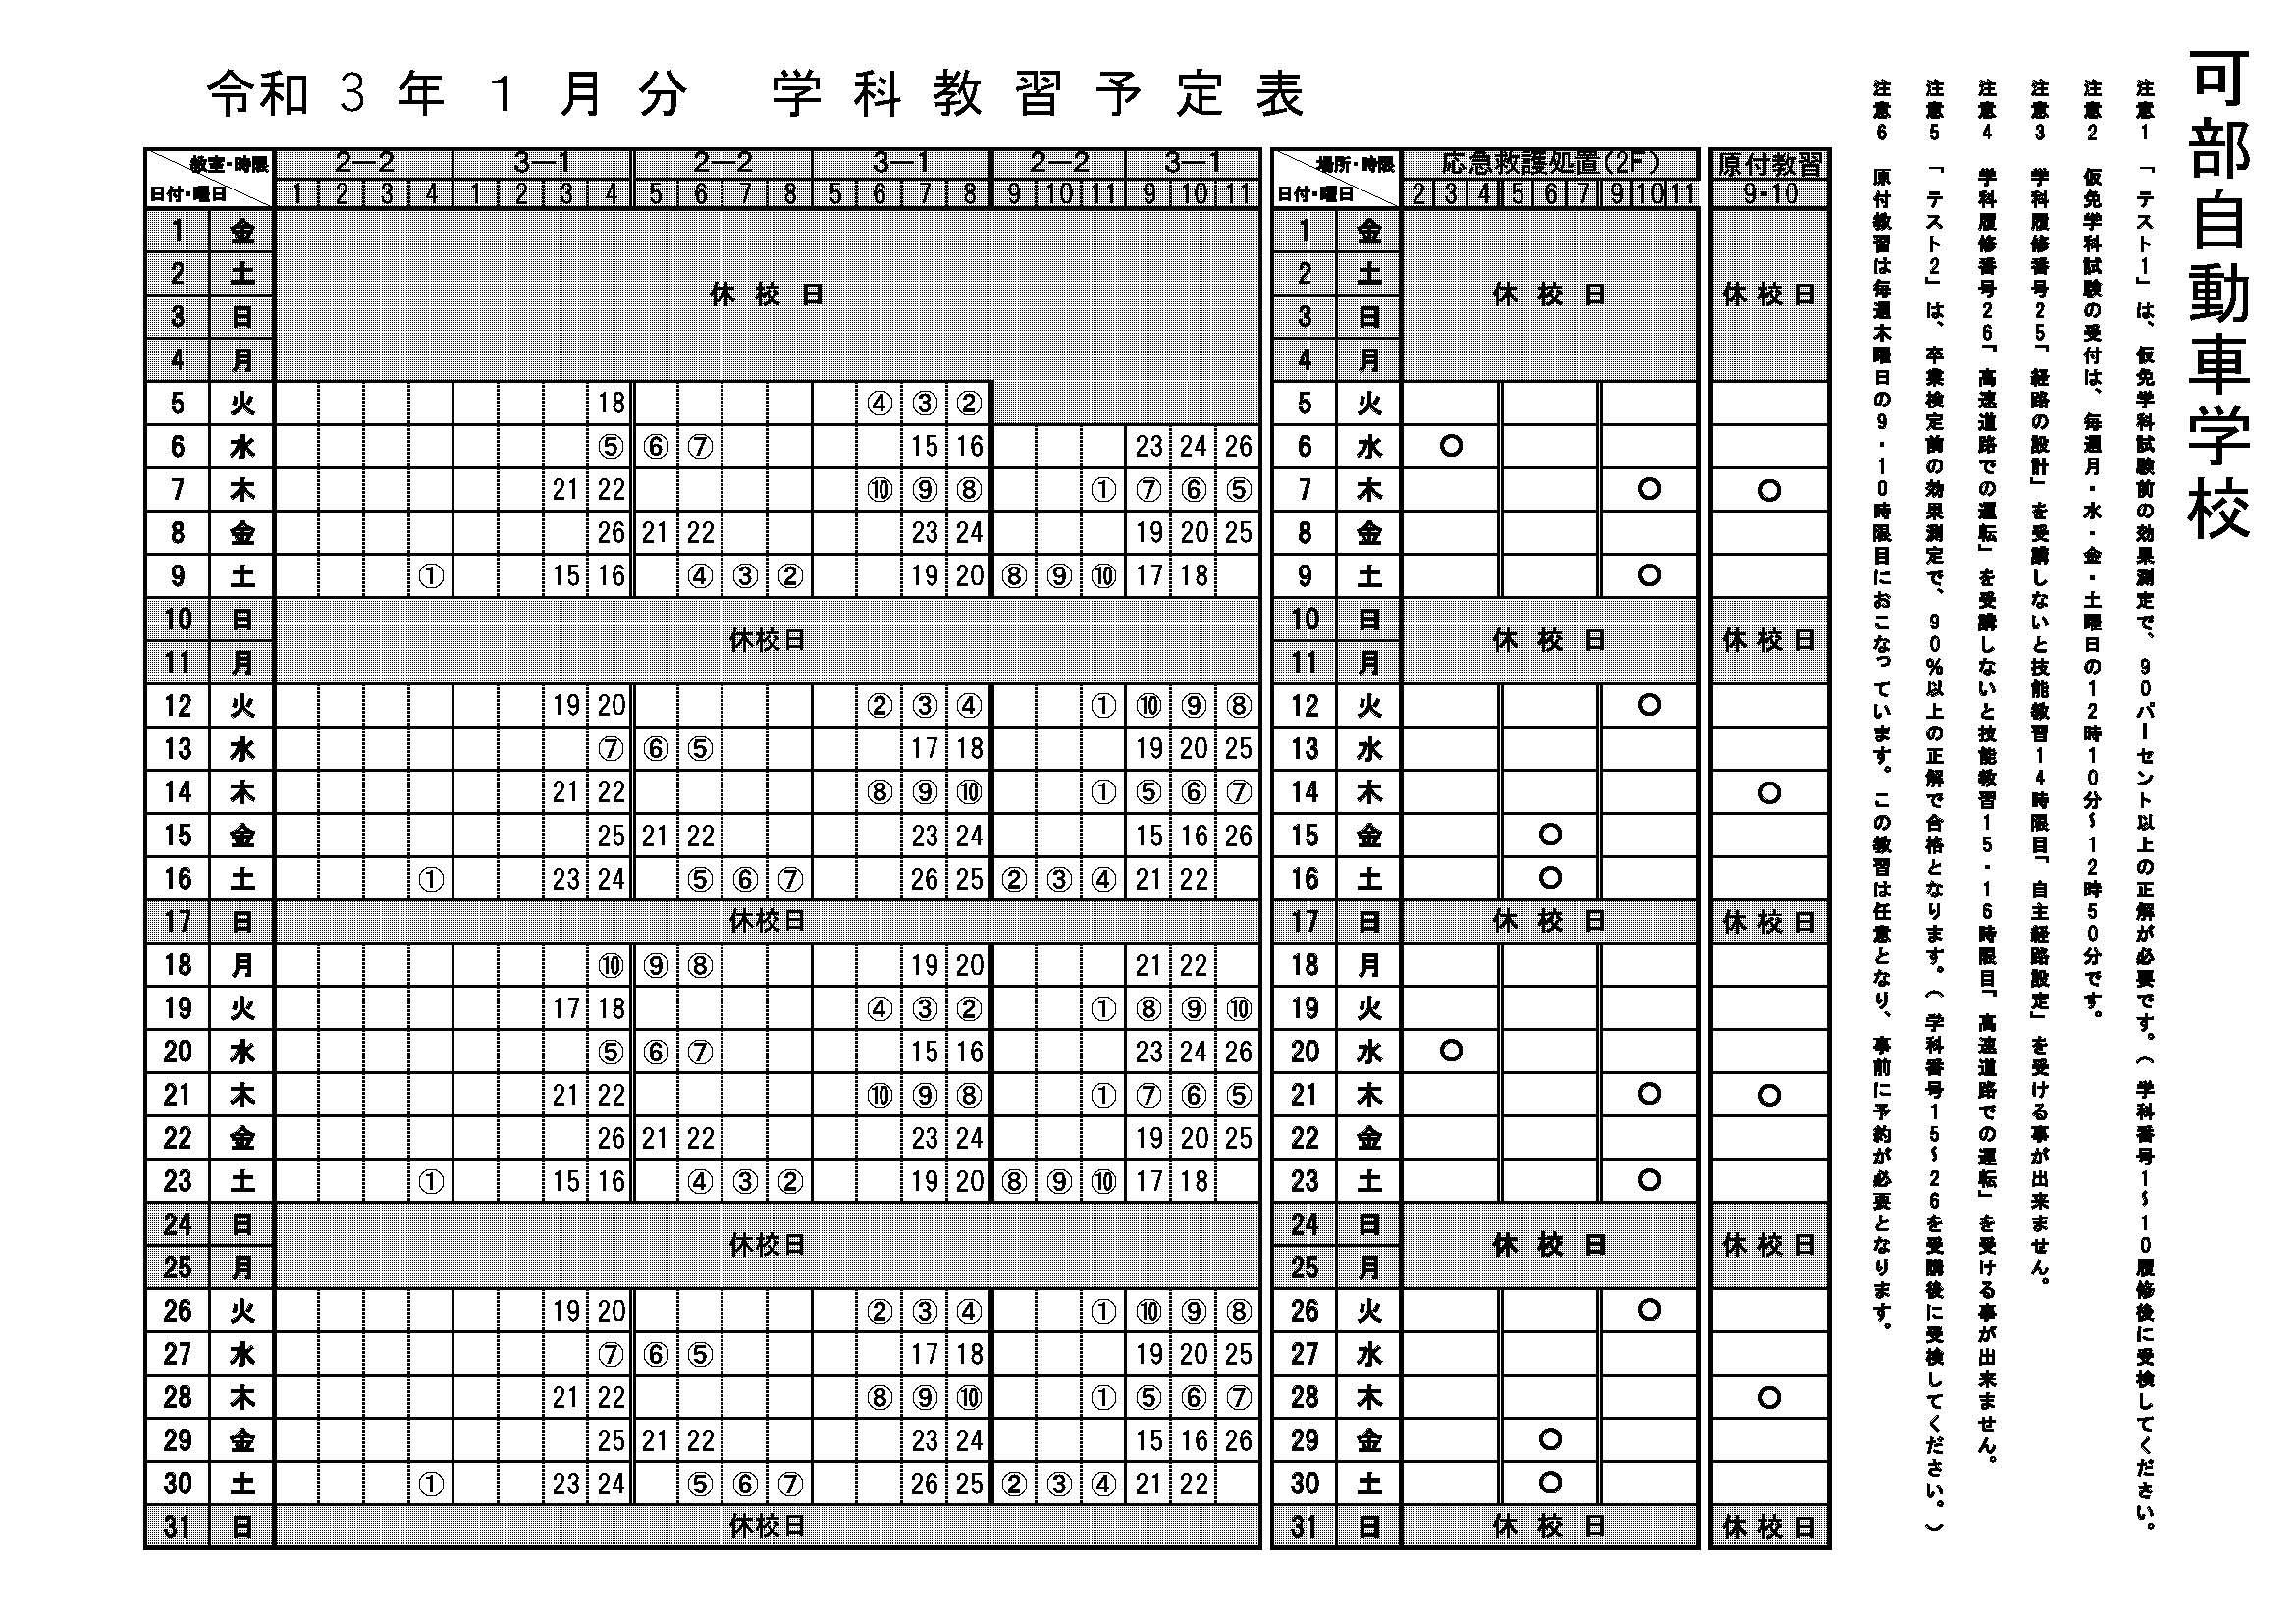 令和3年1月分 学科教習予定表